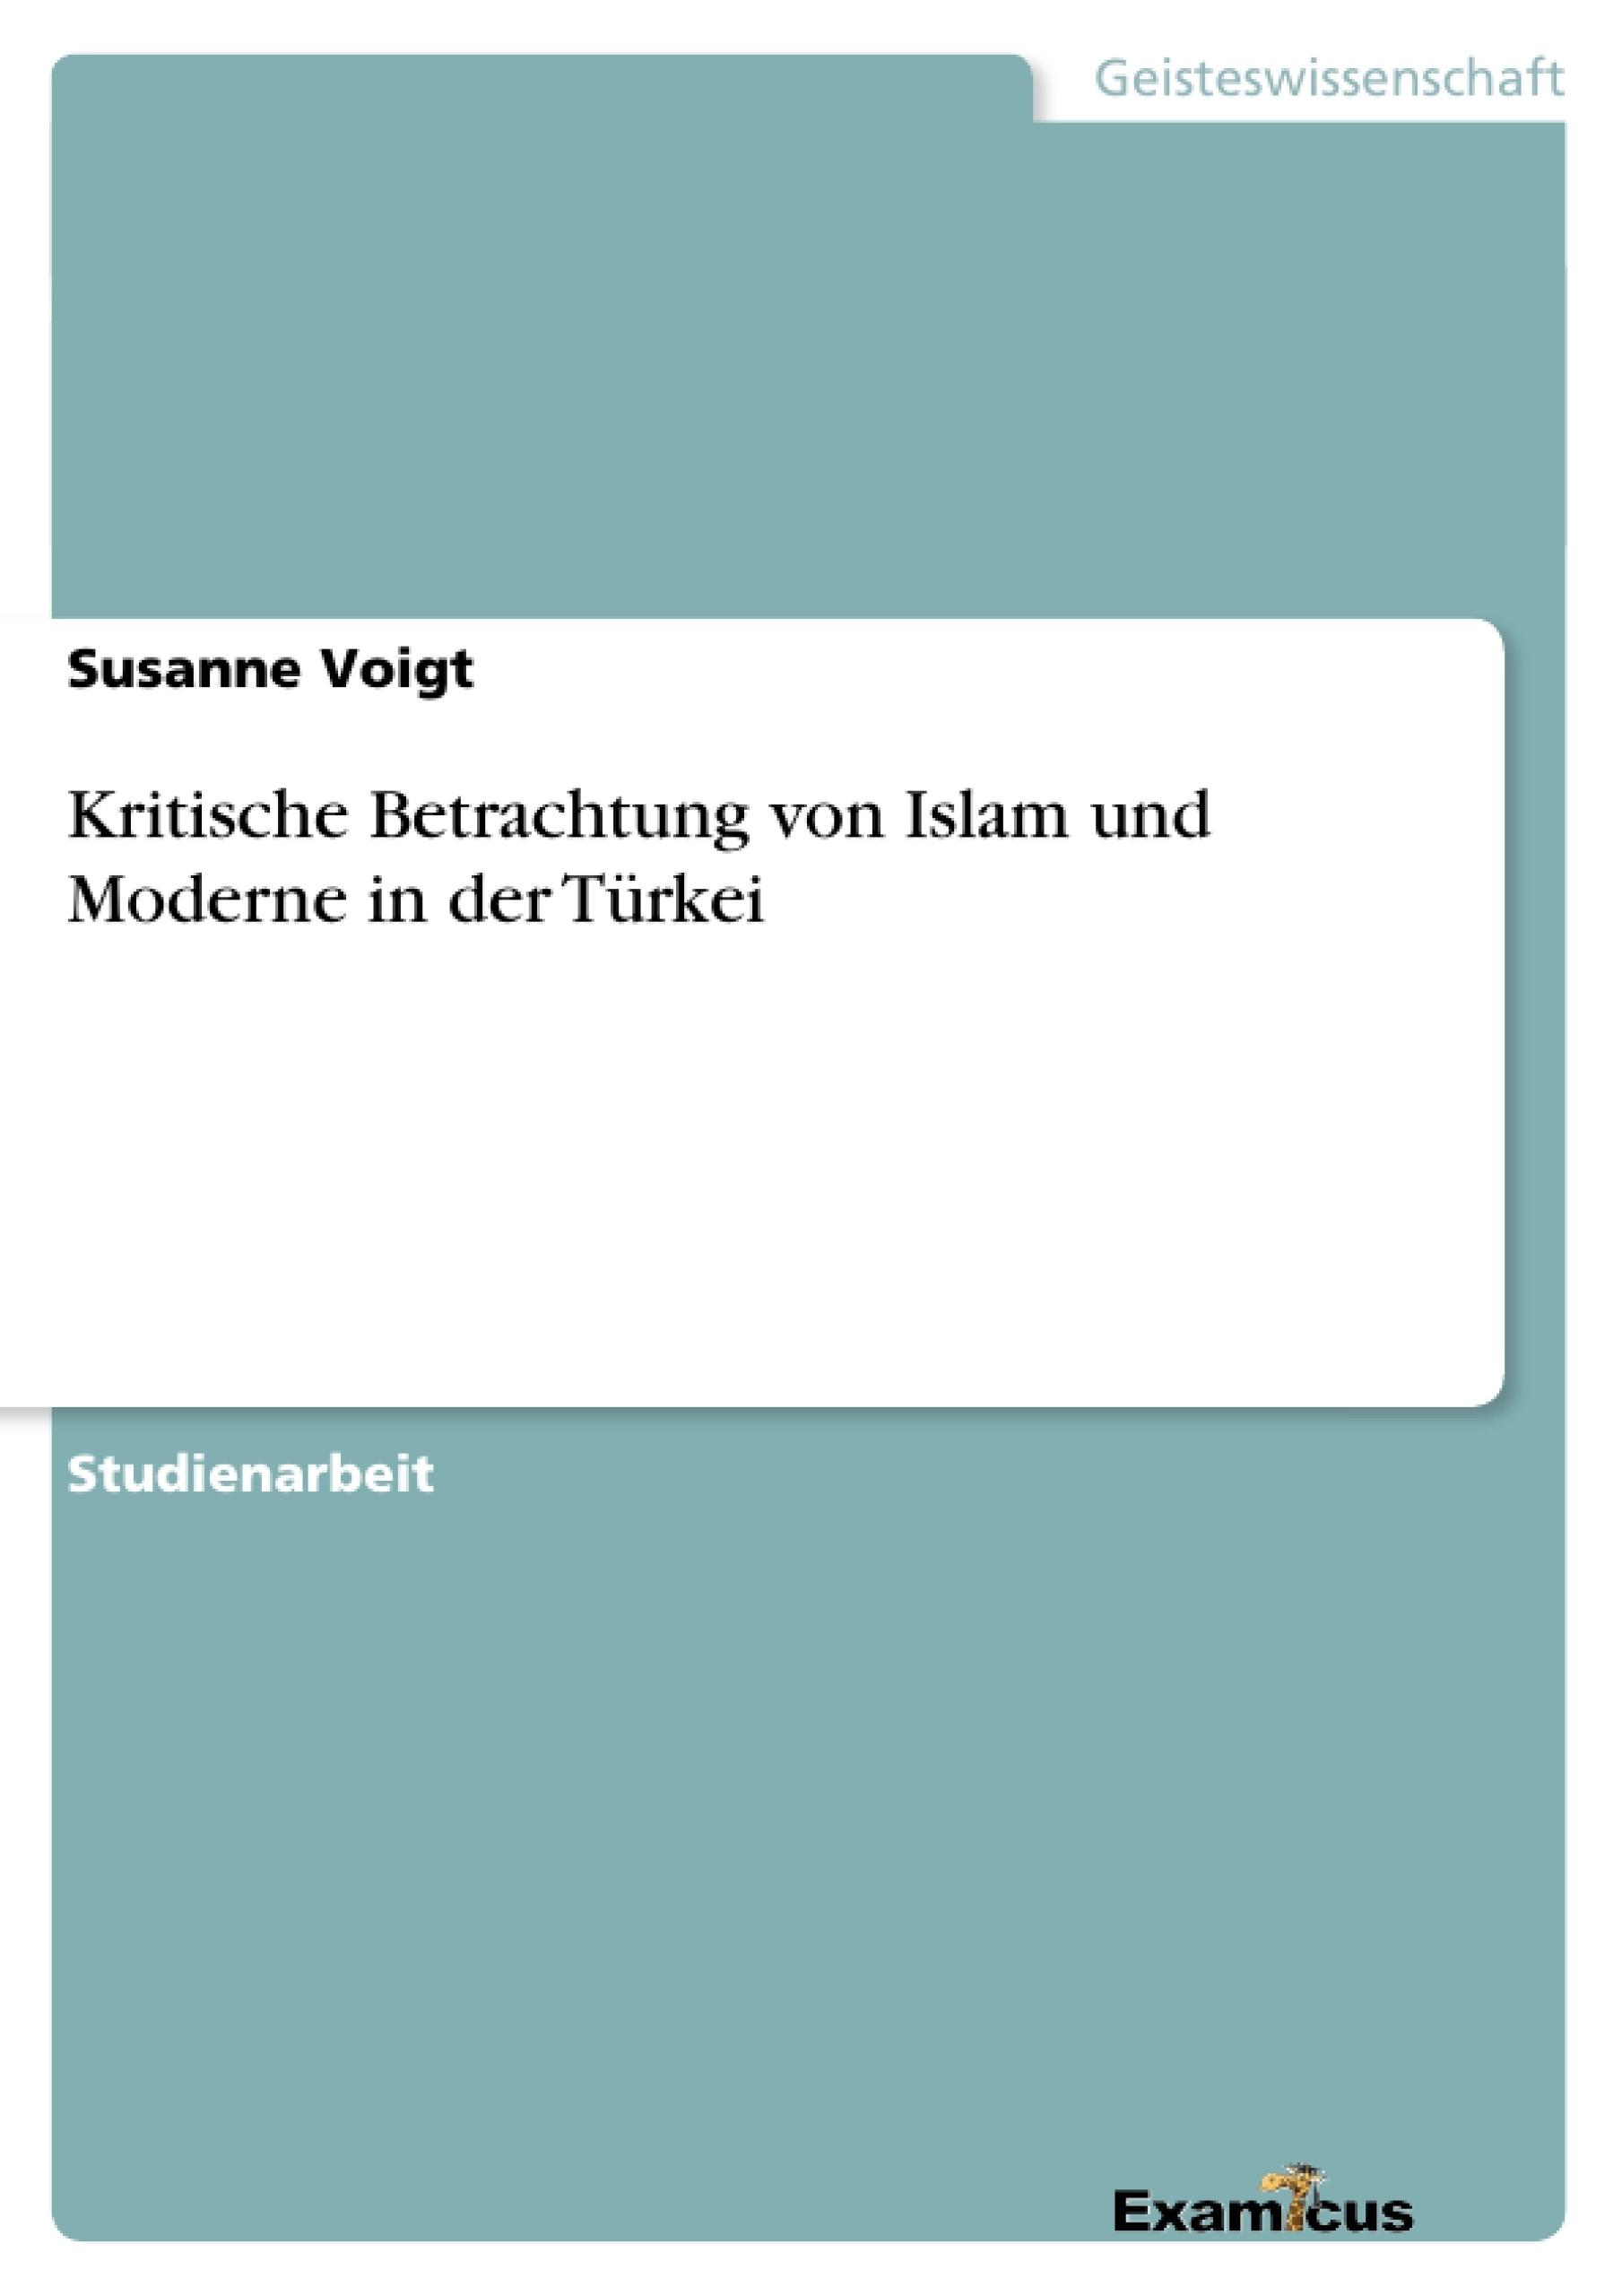 Titel: Kritische Betrachtung von Islam und Moderne in der Türkei